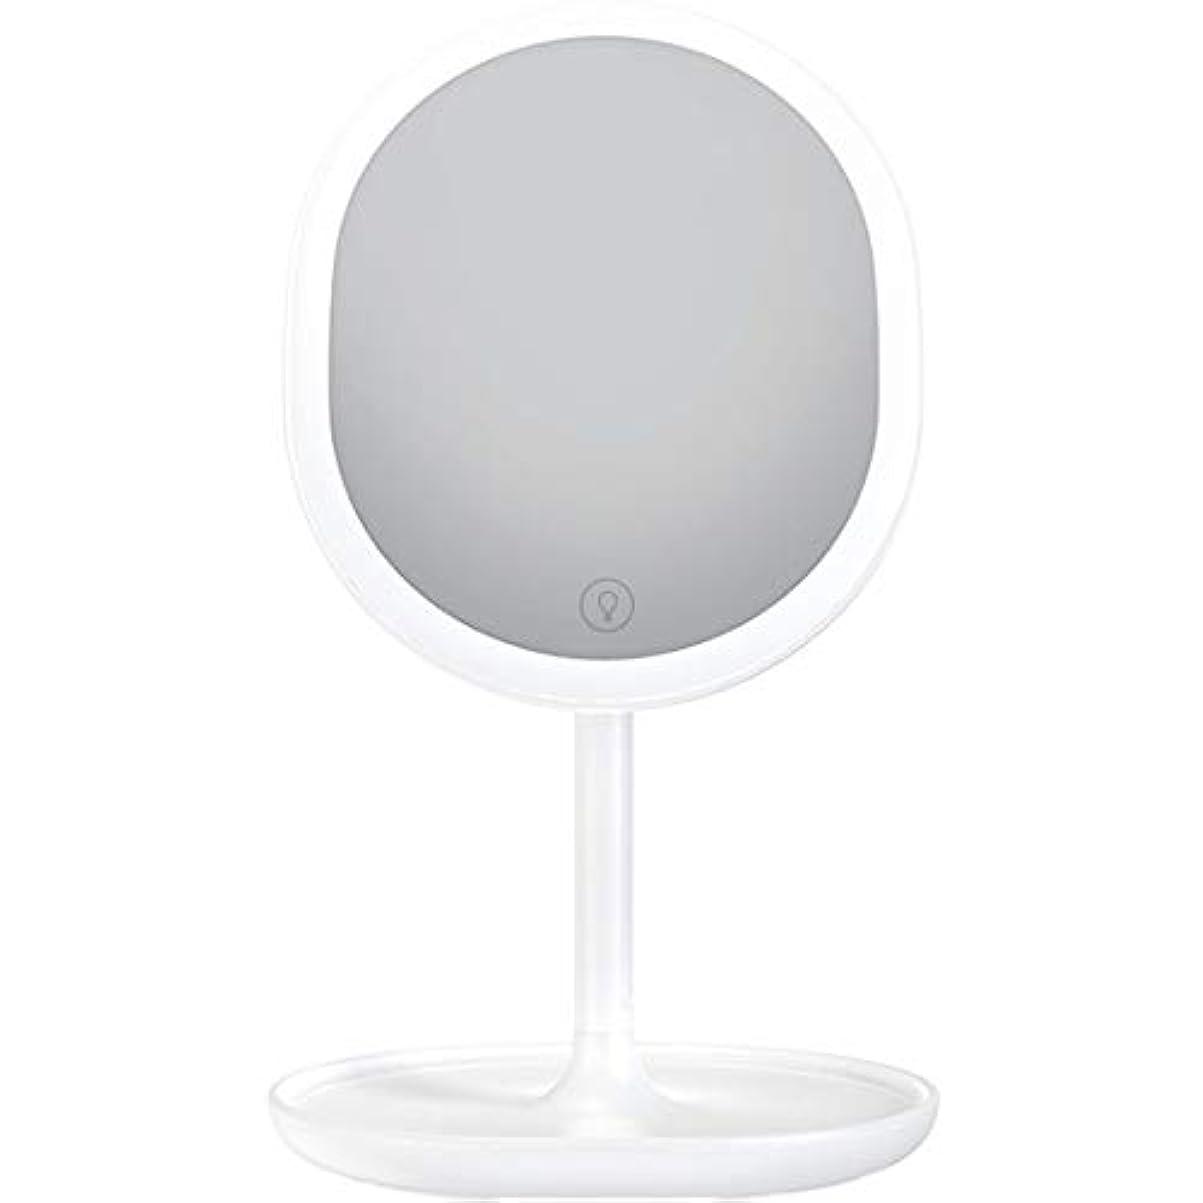 杖仲介者腸化粧鏡 LED卓上化粧鏡 充電式 led付き 5倍拡大鏡付き 明るさ調節可能 等倍鏡 5倍拡大鏡 メイクミラー 180度回転式 1個入り (ホワイト)